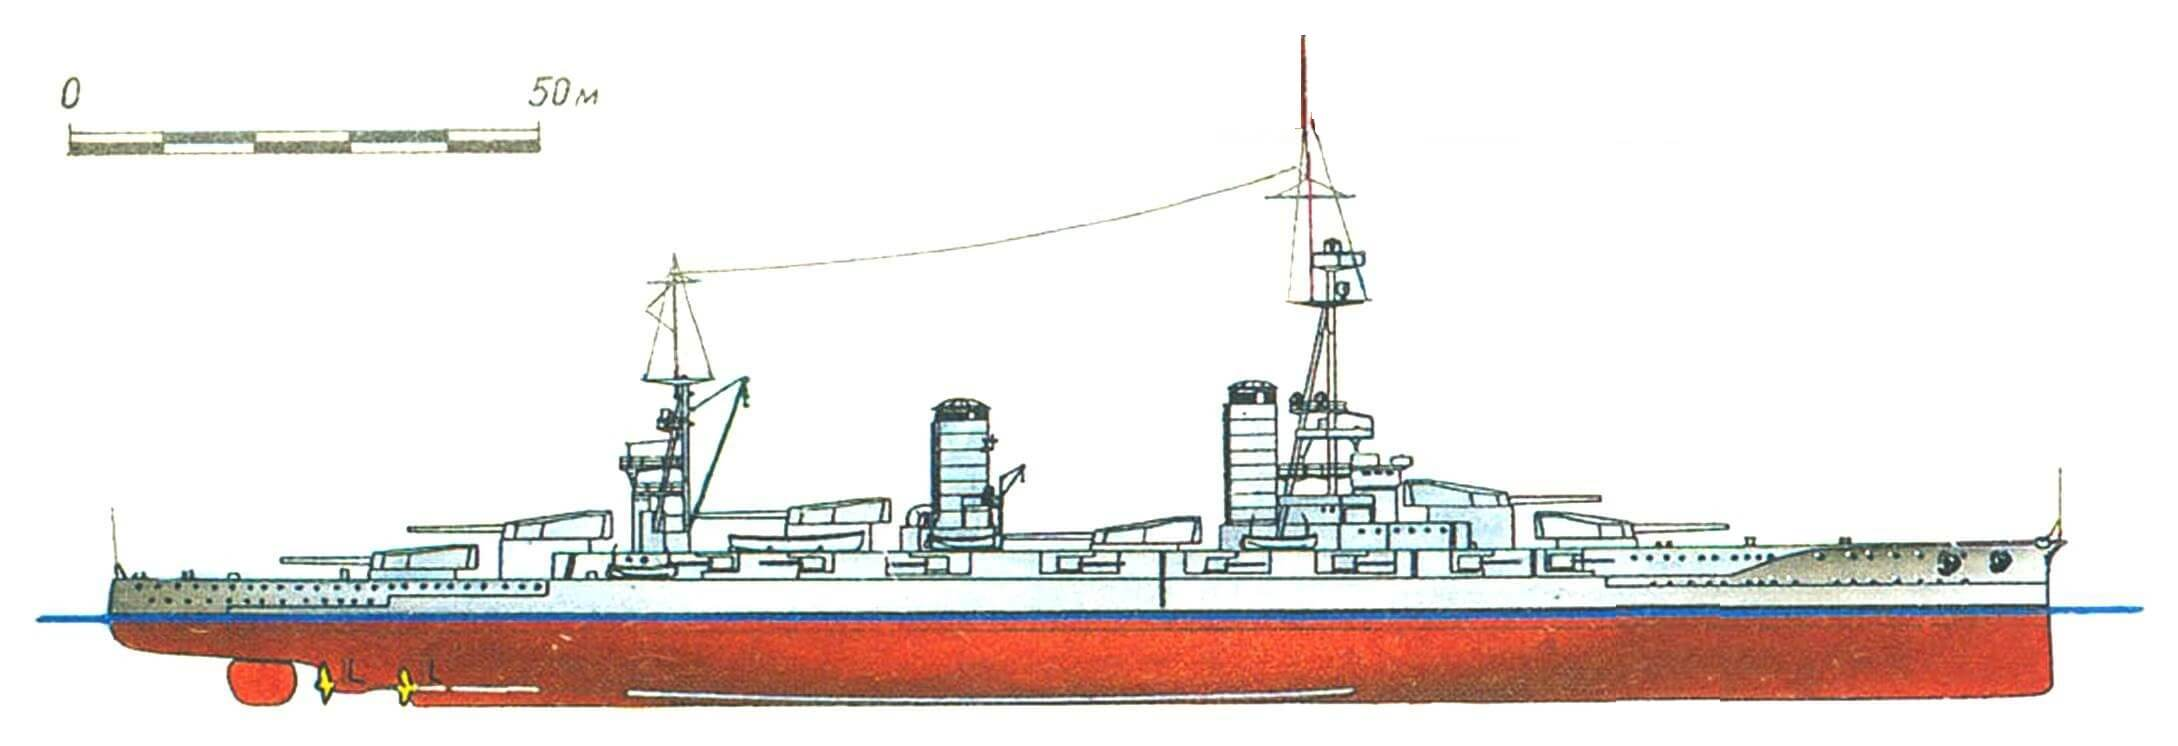 198. Линейный корабль «ФУСО», Япония, 1915 г. Заложен в 1912 г., спущен на воду в 1914 г. Водоизмещение нормальное — 30 600 т, полное — 34 700 т, длина наибольшая —202,7 м, ширина 28,7 м, осадка 8,7 м. Мощность турбин 40 000 л.с., скорость —23 узла. Броня: главный пояс в центральной части — 305—203 мм, в оконечностях — 102 мм, верхний пояс — 203 мм, каземат вспомогательной артиллерии — 152 мм, башни и барбеты 305—203 мм, броневая палуба —76— 31 мм, рубка — 152 мм. Вооружение: двенадцать 356-мм, шестнадцать 152-мм и четыре 80-мм орудия. Всего построено два корабля: «Фусо» и «Ямасиро» (1917 г.).